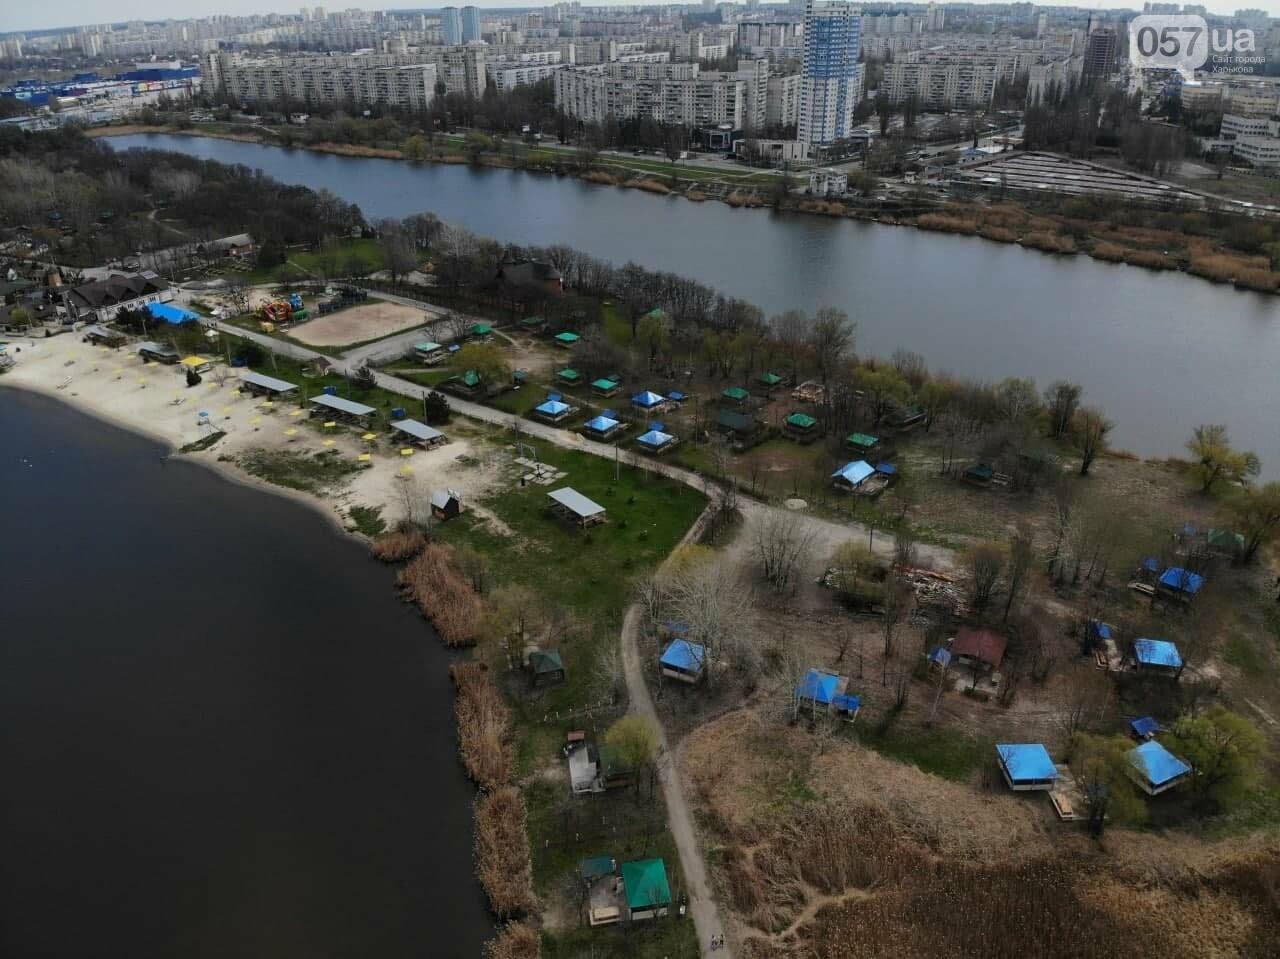 Самый старый исторический район Харькова: как появилась Журавлевка, - ФОТО, фото-3